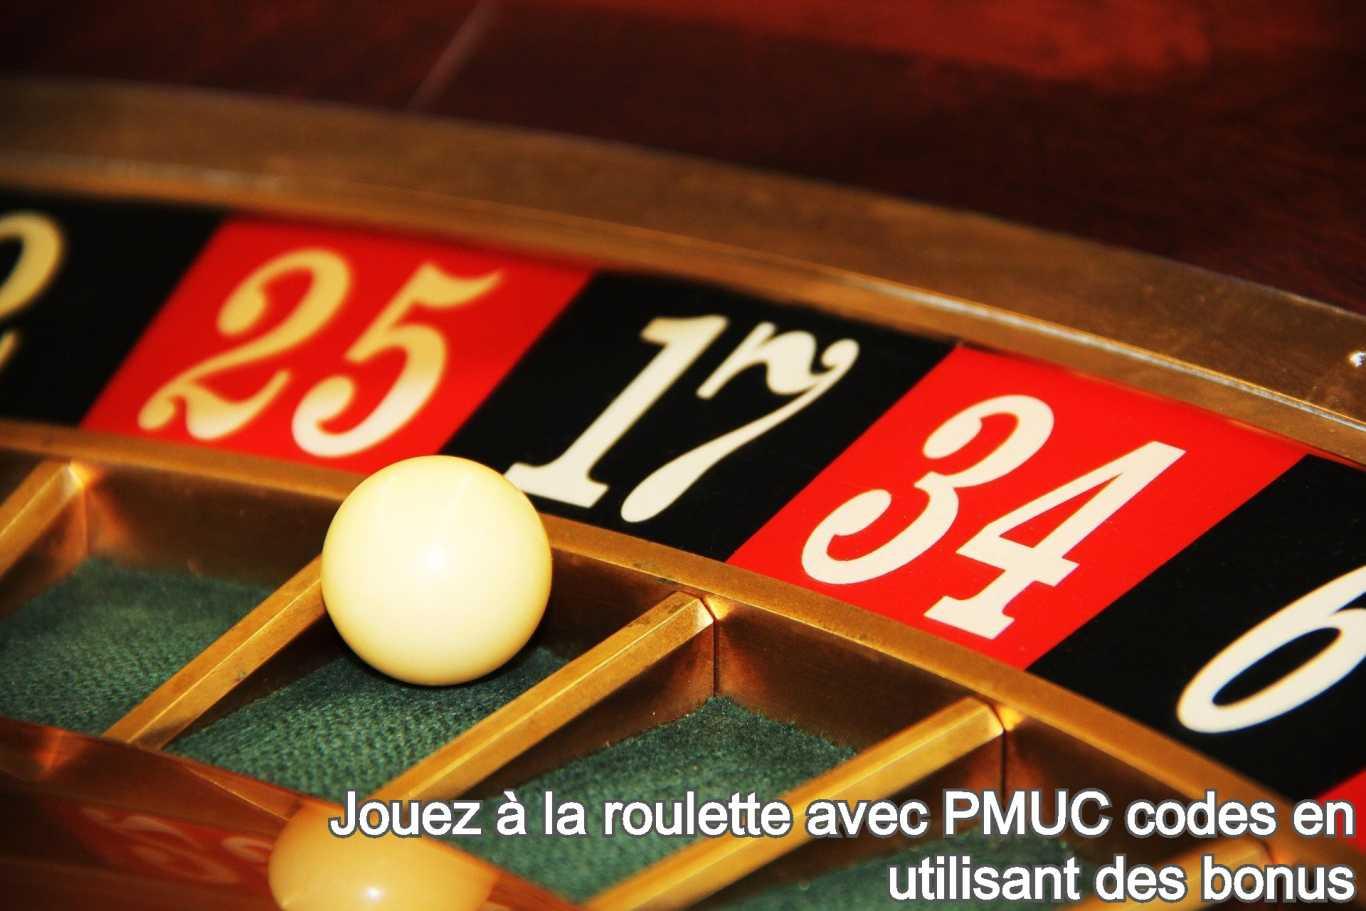 Jouez à la roulette avec PMUC codes en utilisant des bonus